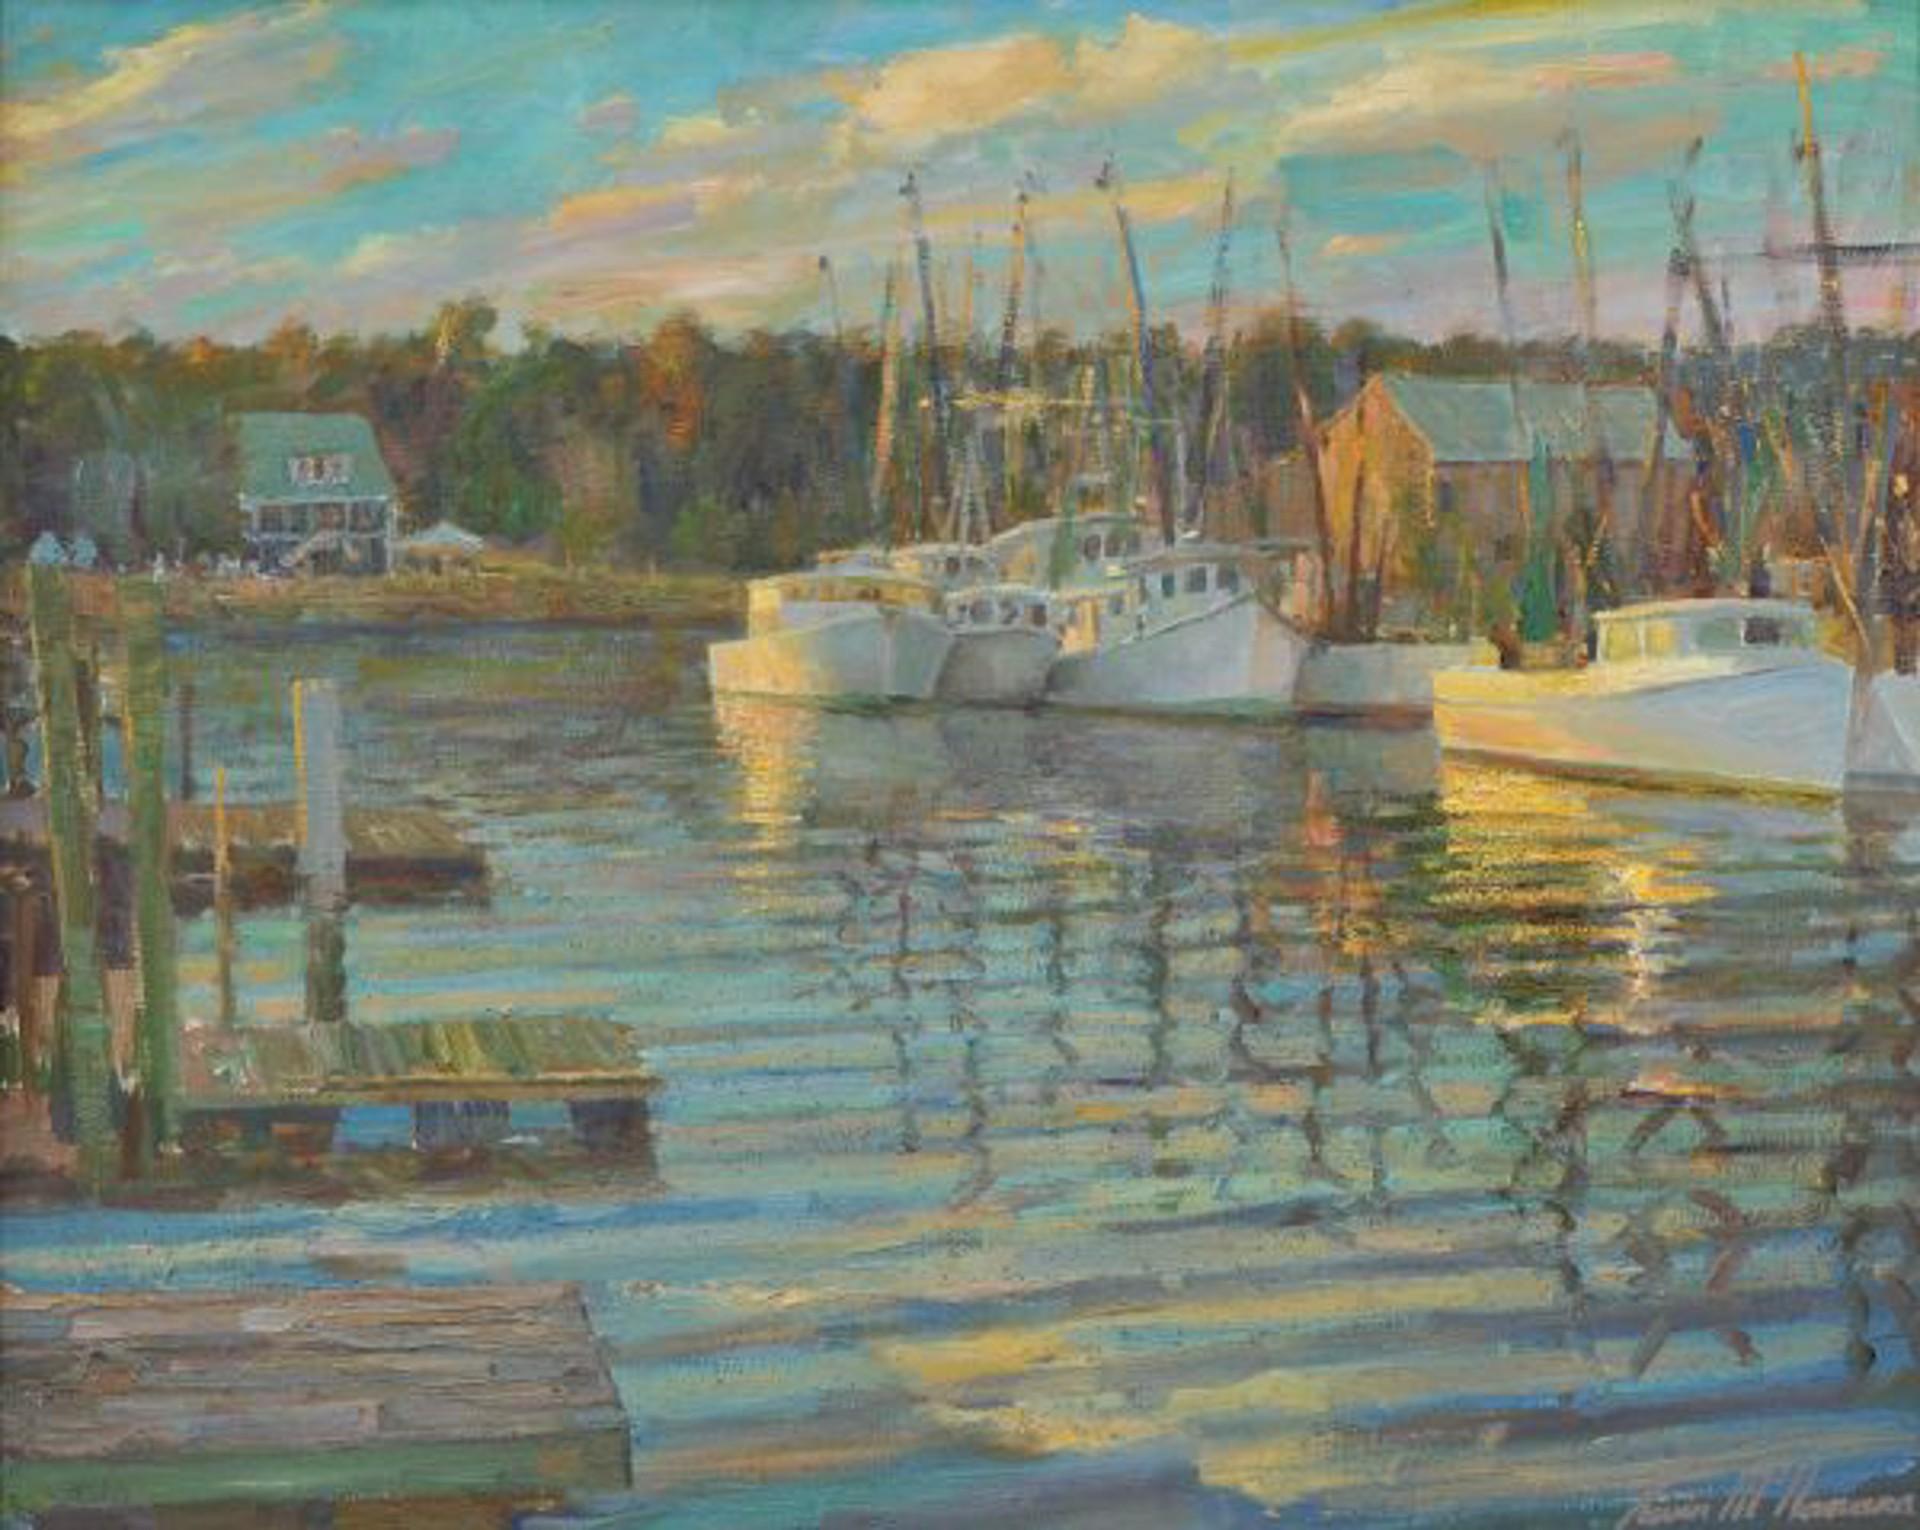 Shrimp Boats (McClellanville) by Kevin McNamara